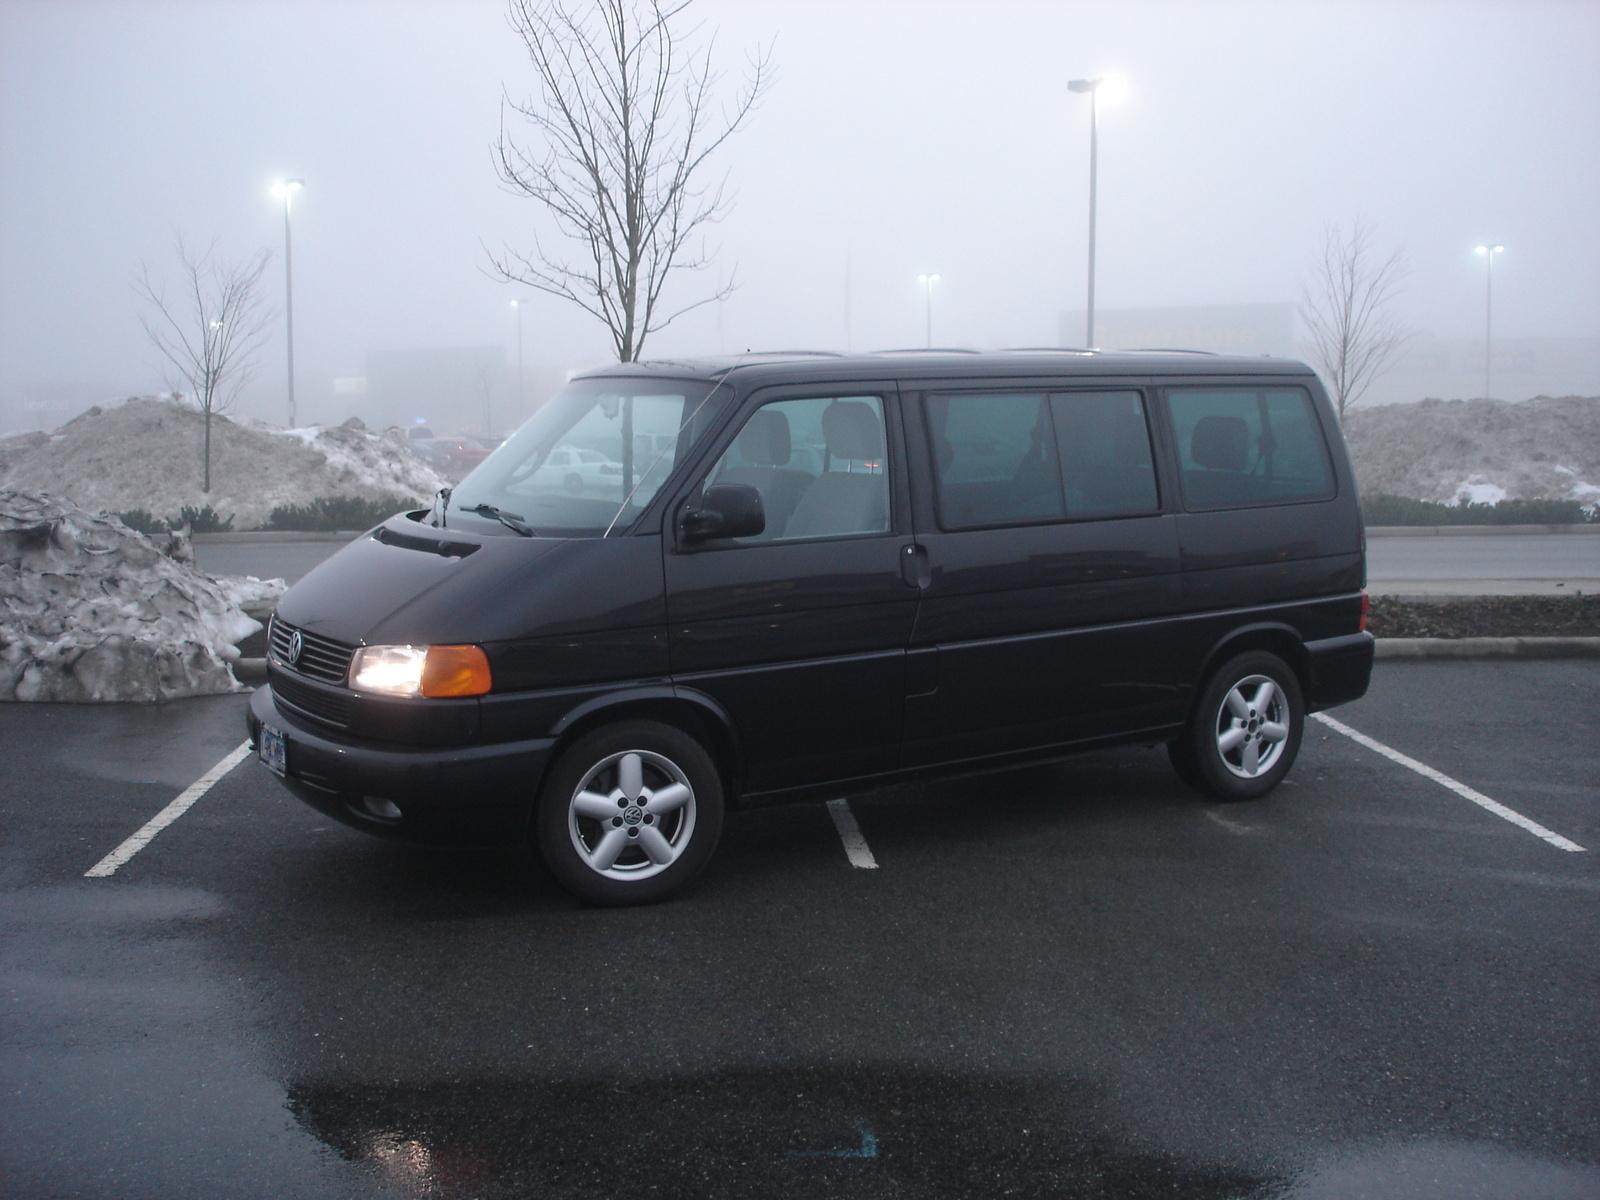 d649bcd76df187 2003 Volkswagen EuroVan - Overview - CarGurus